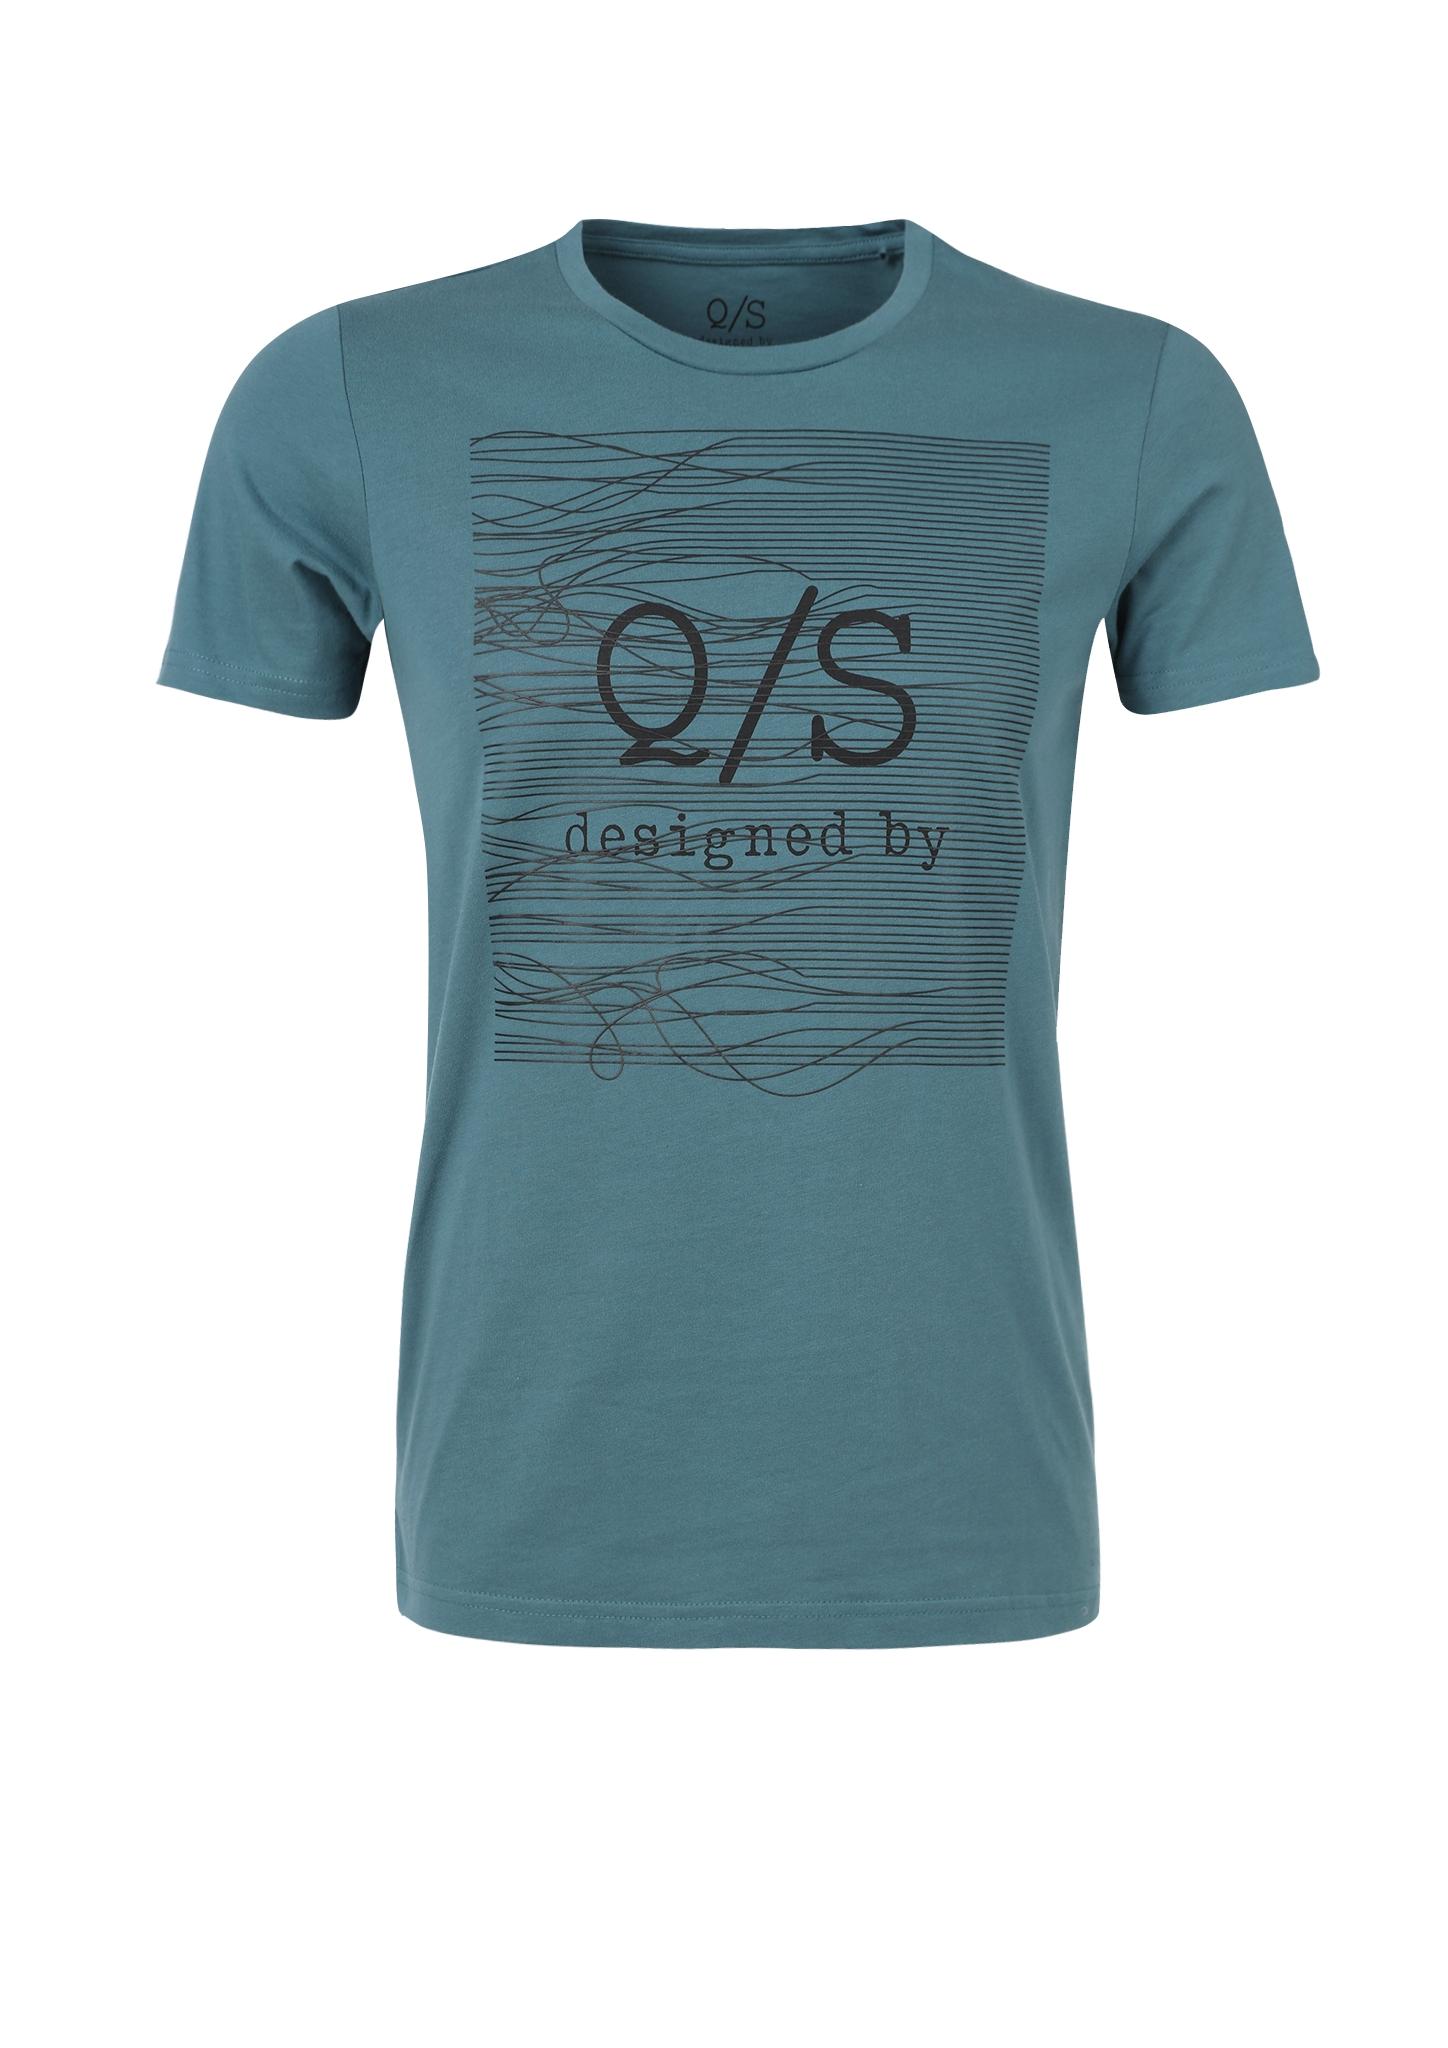 T-Shirt | Bekleidung | Blau/grün | 100% baumwolle | Q/S designed by